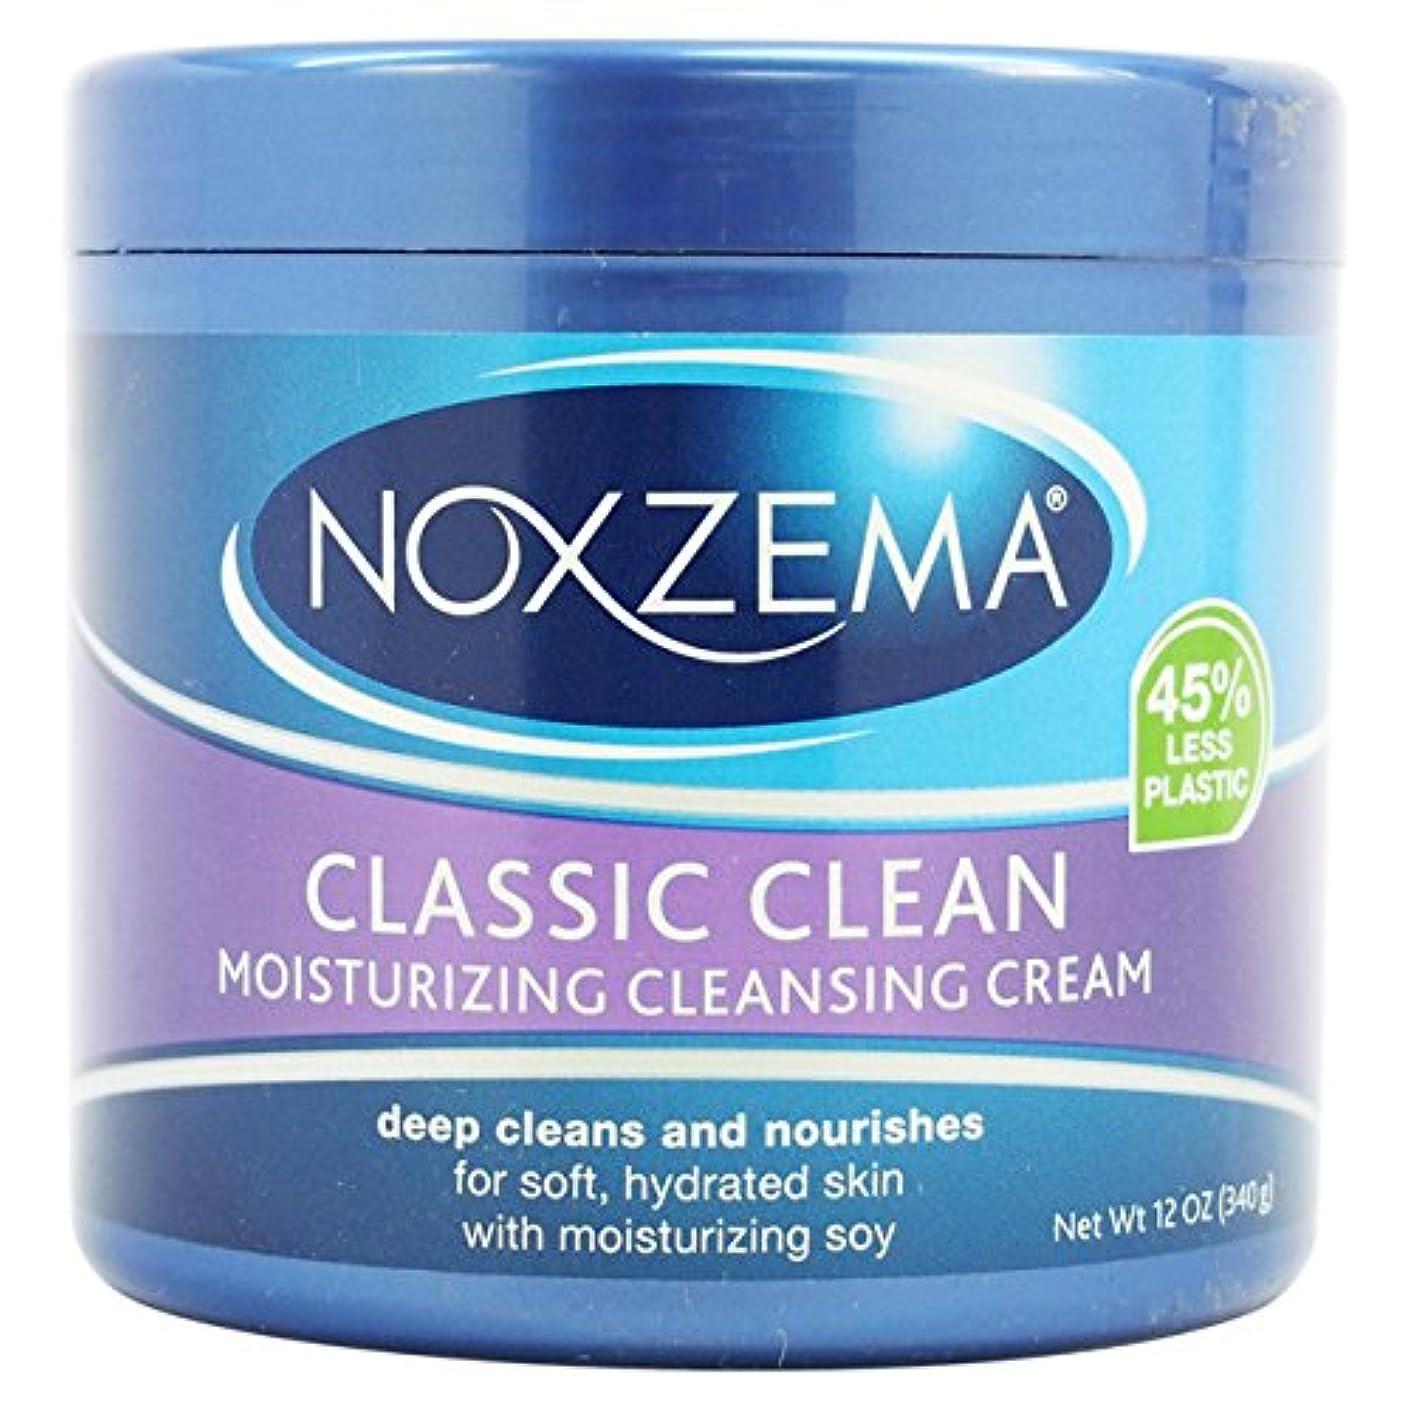 ピクニックびっくりする鎮痛剤Noxzema ユニセックスディープクレンジングクリームプラスモイス12オズ